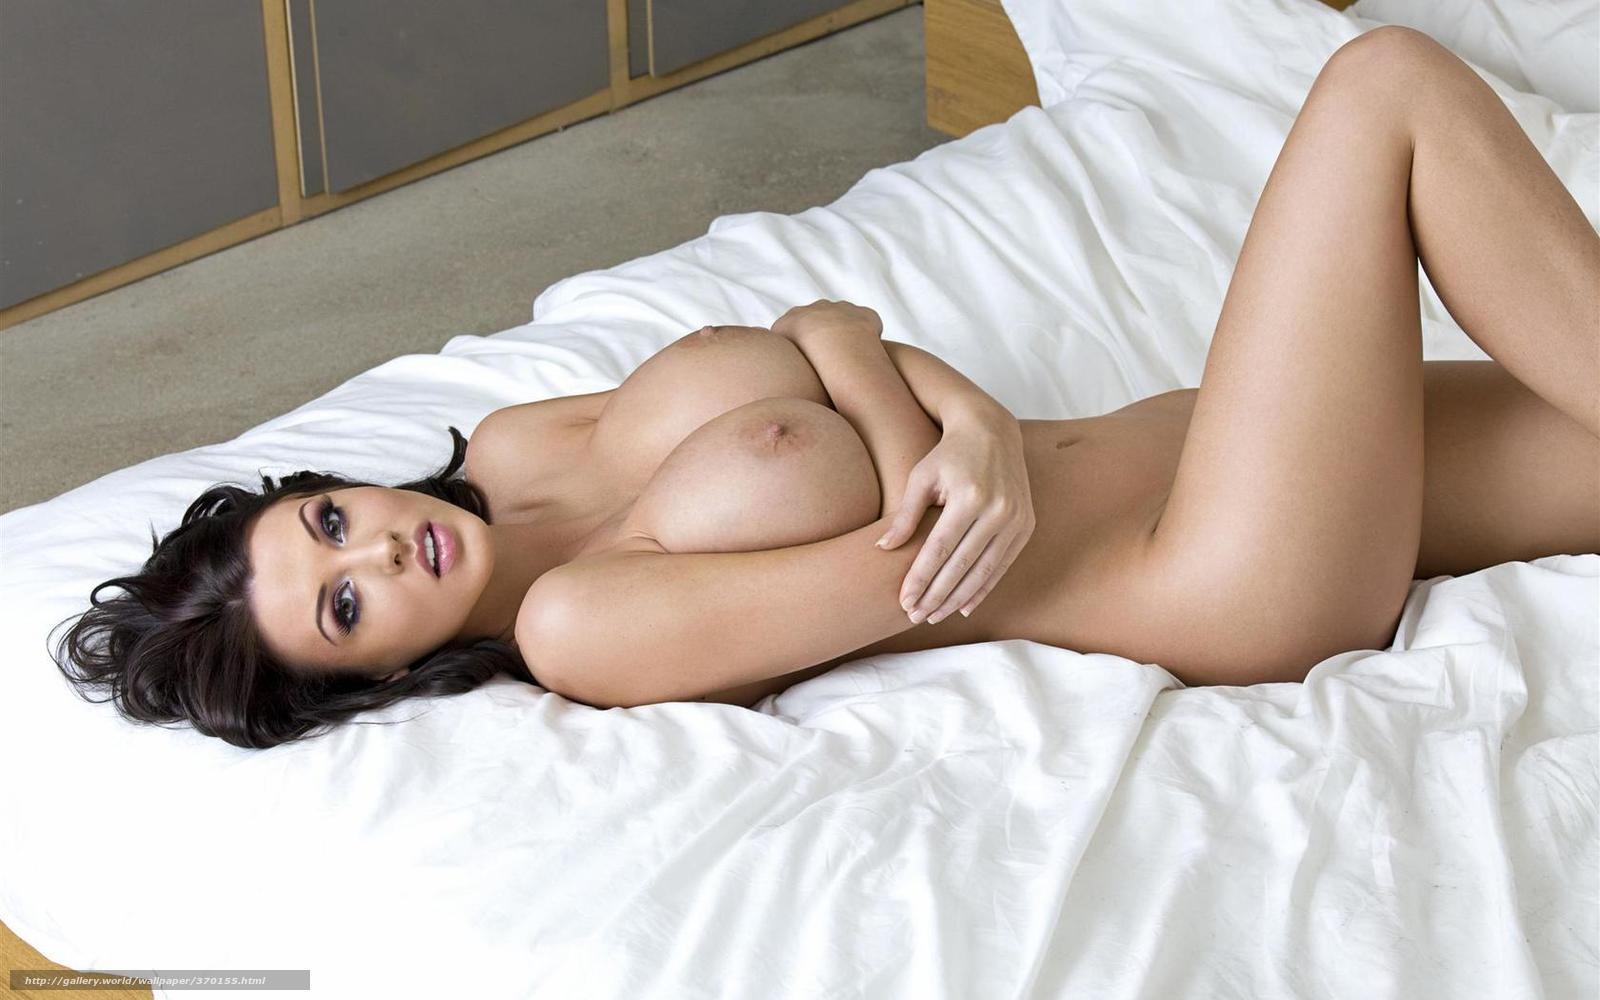 Самая красивая голая девушка фото 23 фотография